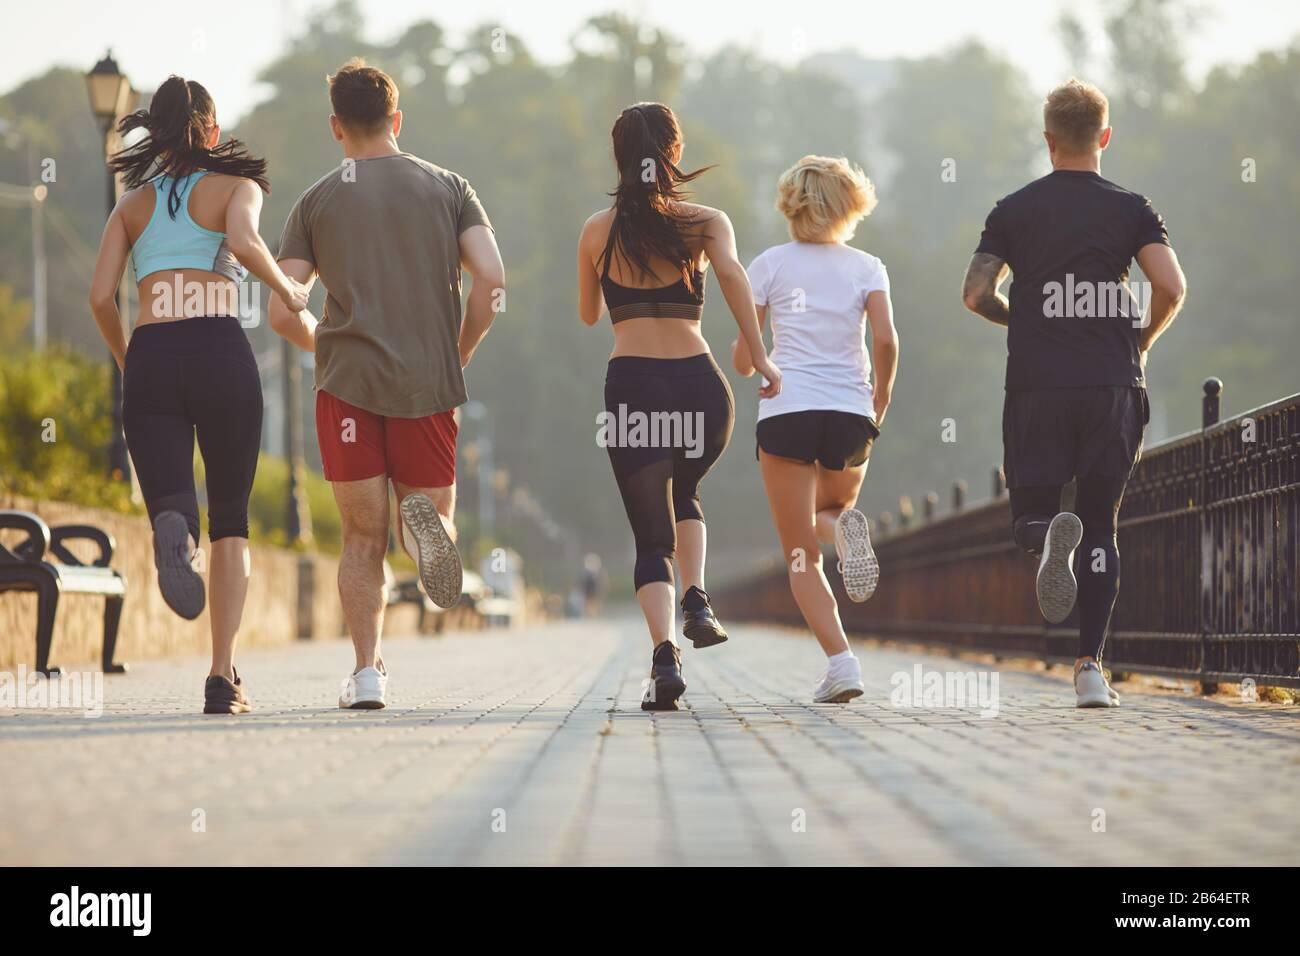 Grupo de corredores en el parque en la mañana. Foto de stock